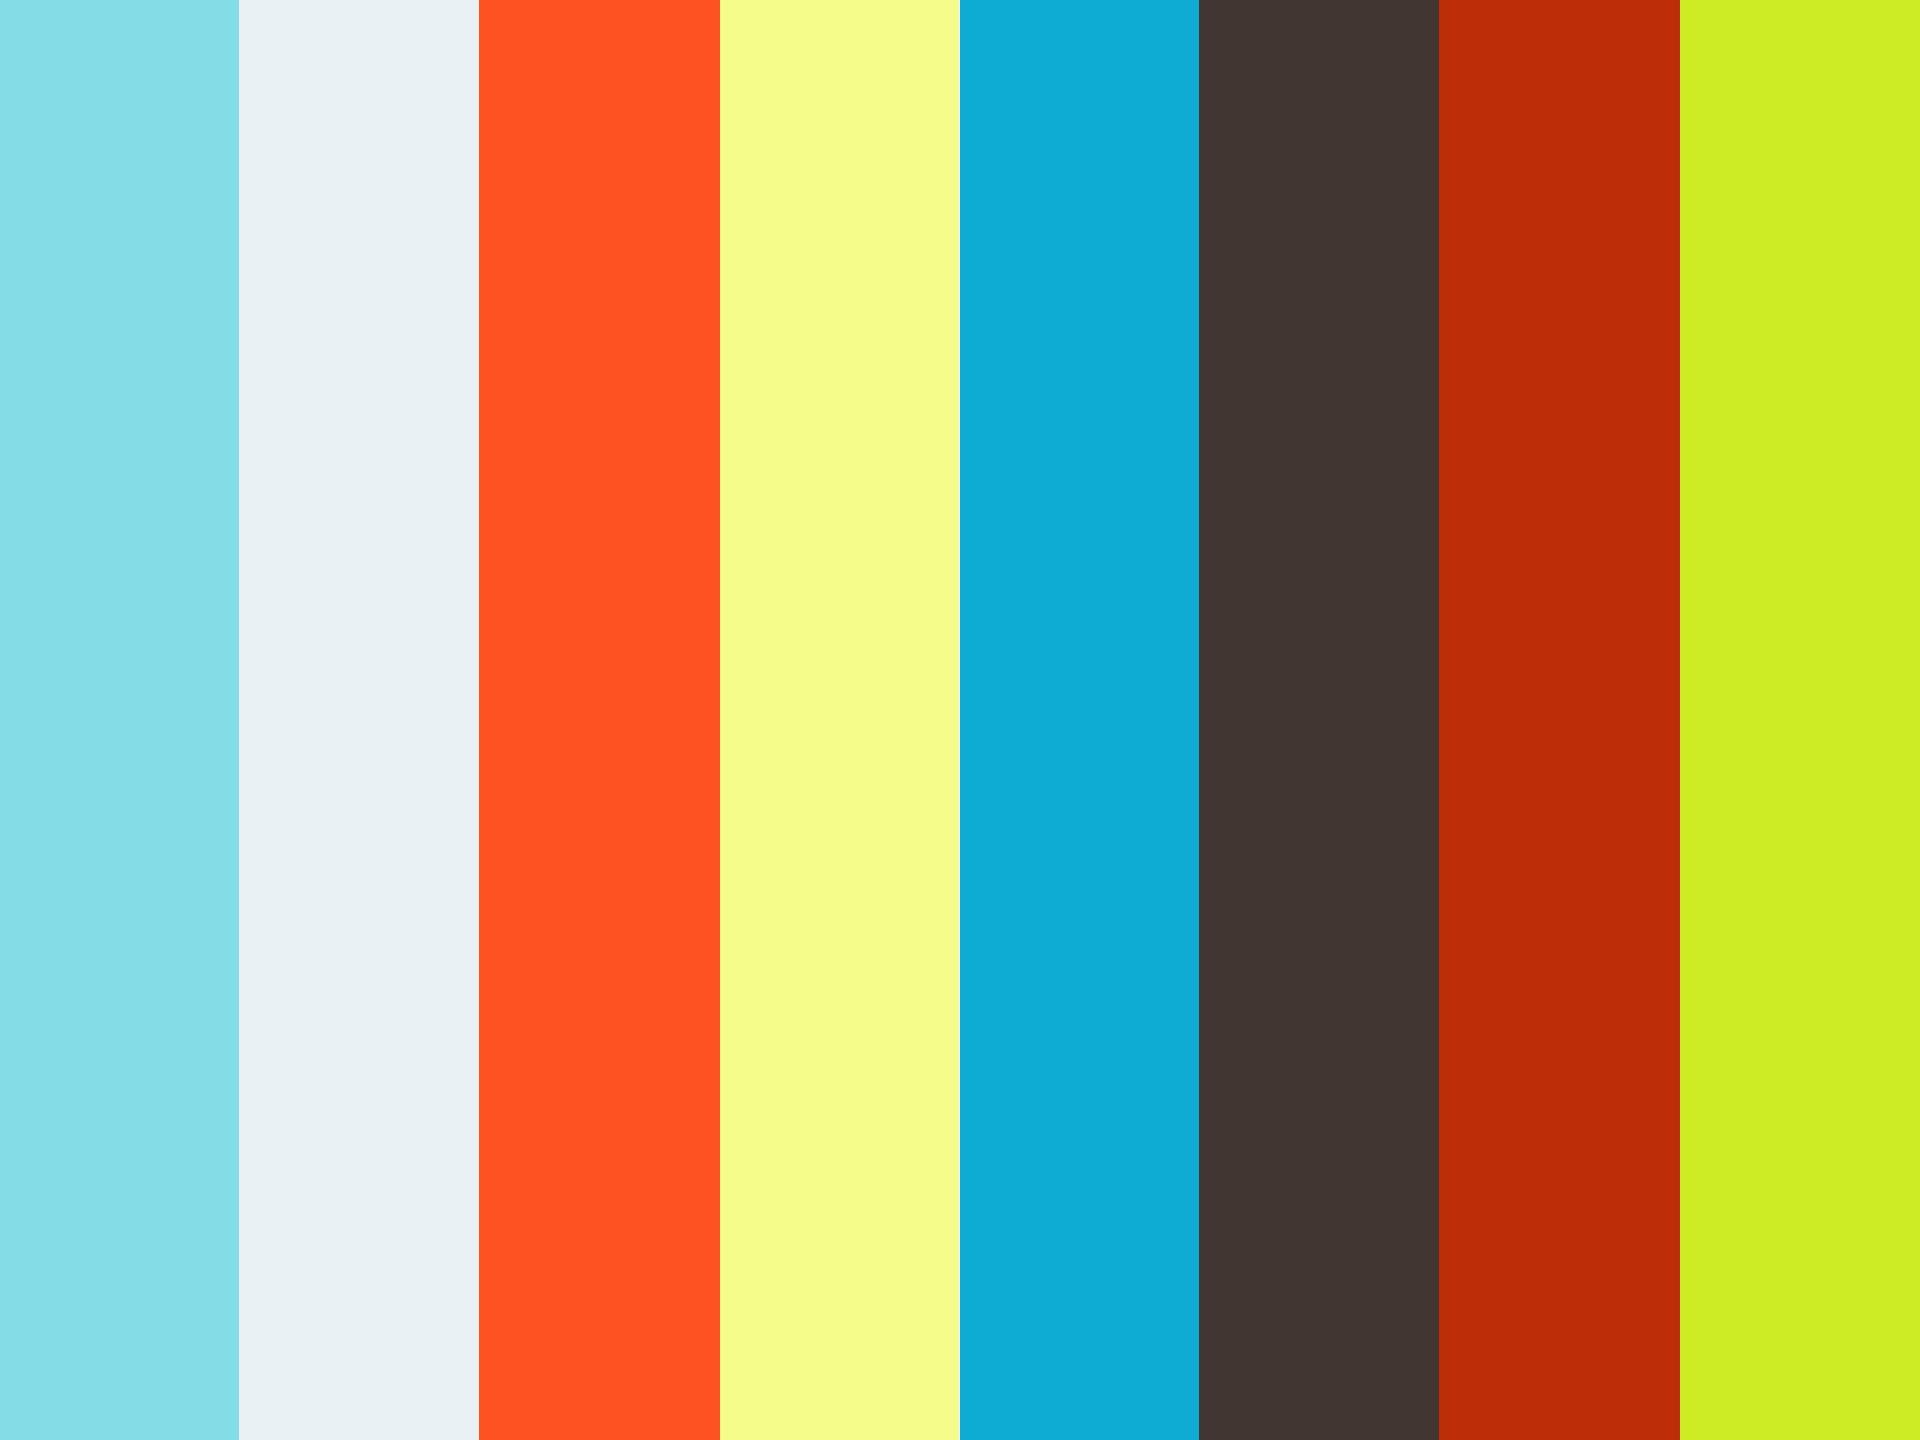 Share 70 Sound Effects dành cho làm Film - Video - Nhạc ESC | Diễn